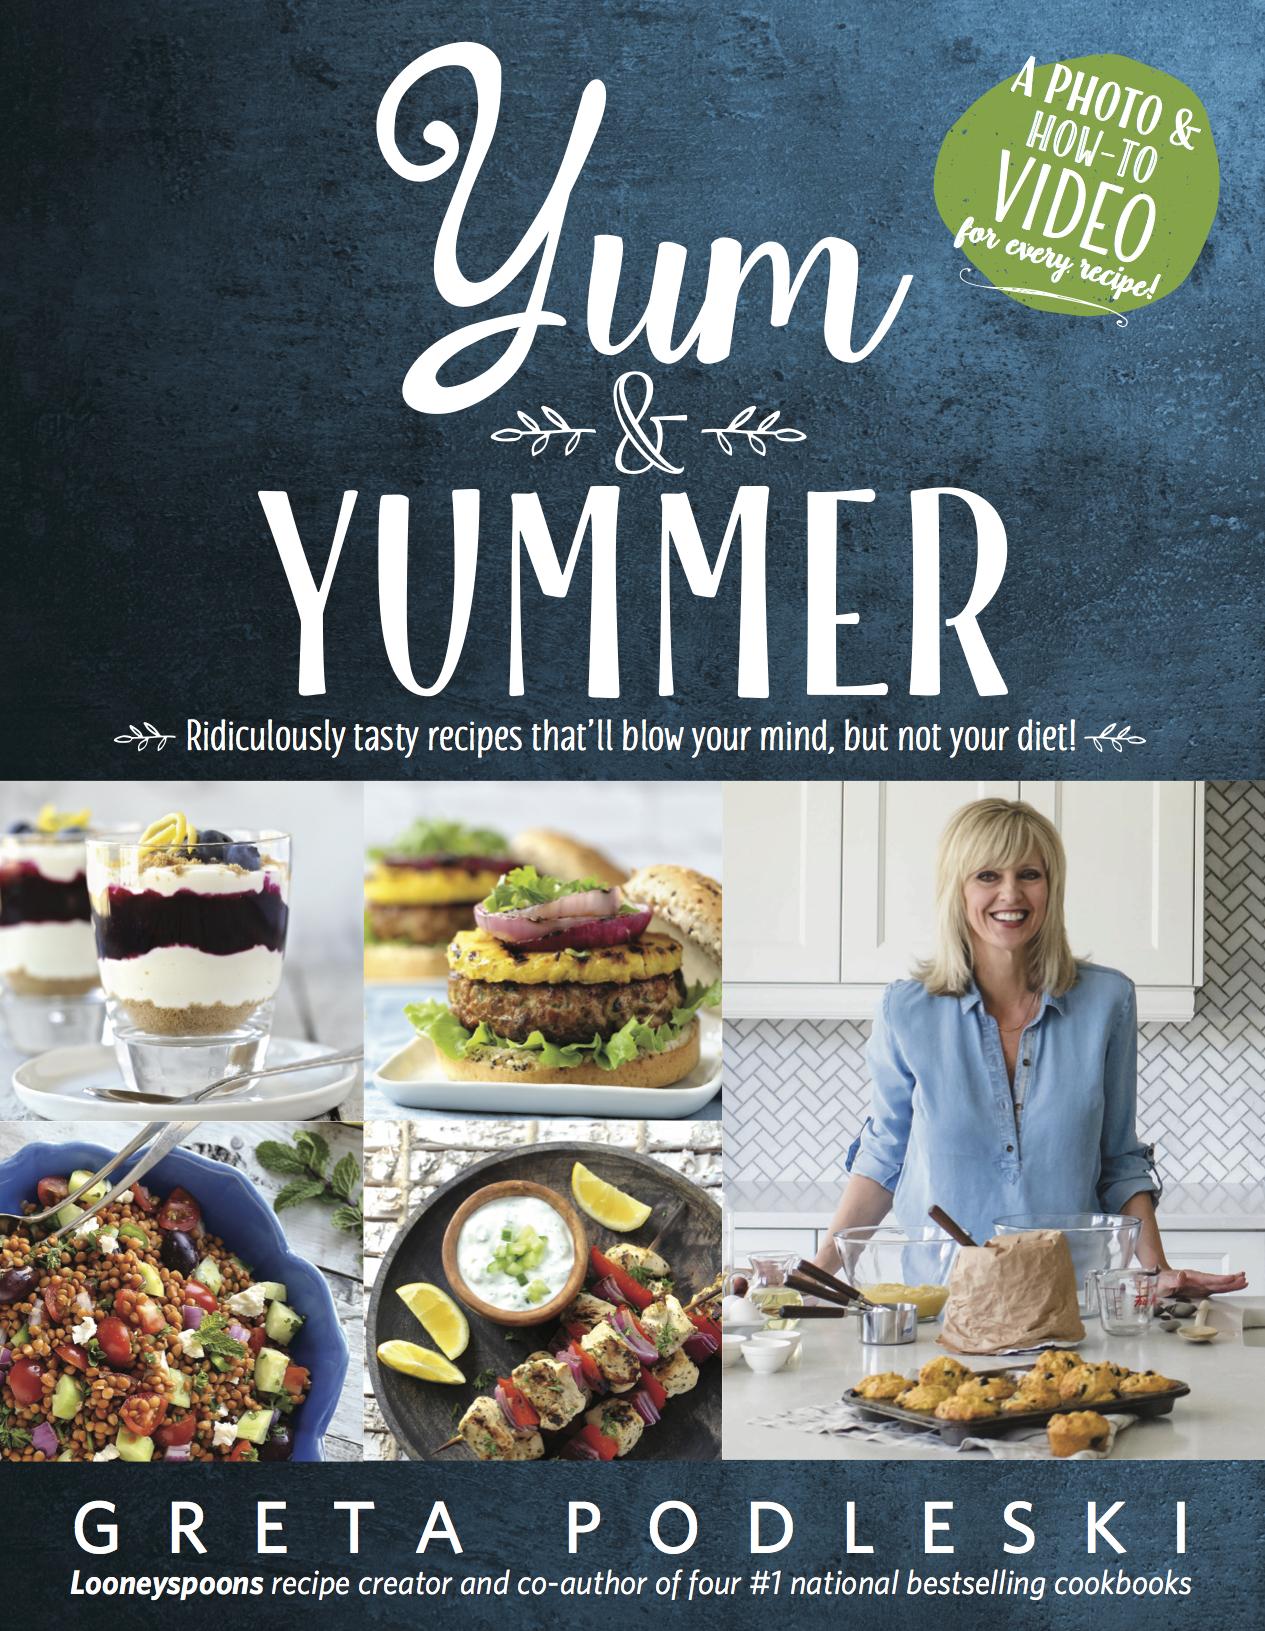 Yum and Yummer by Greta Podleski